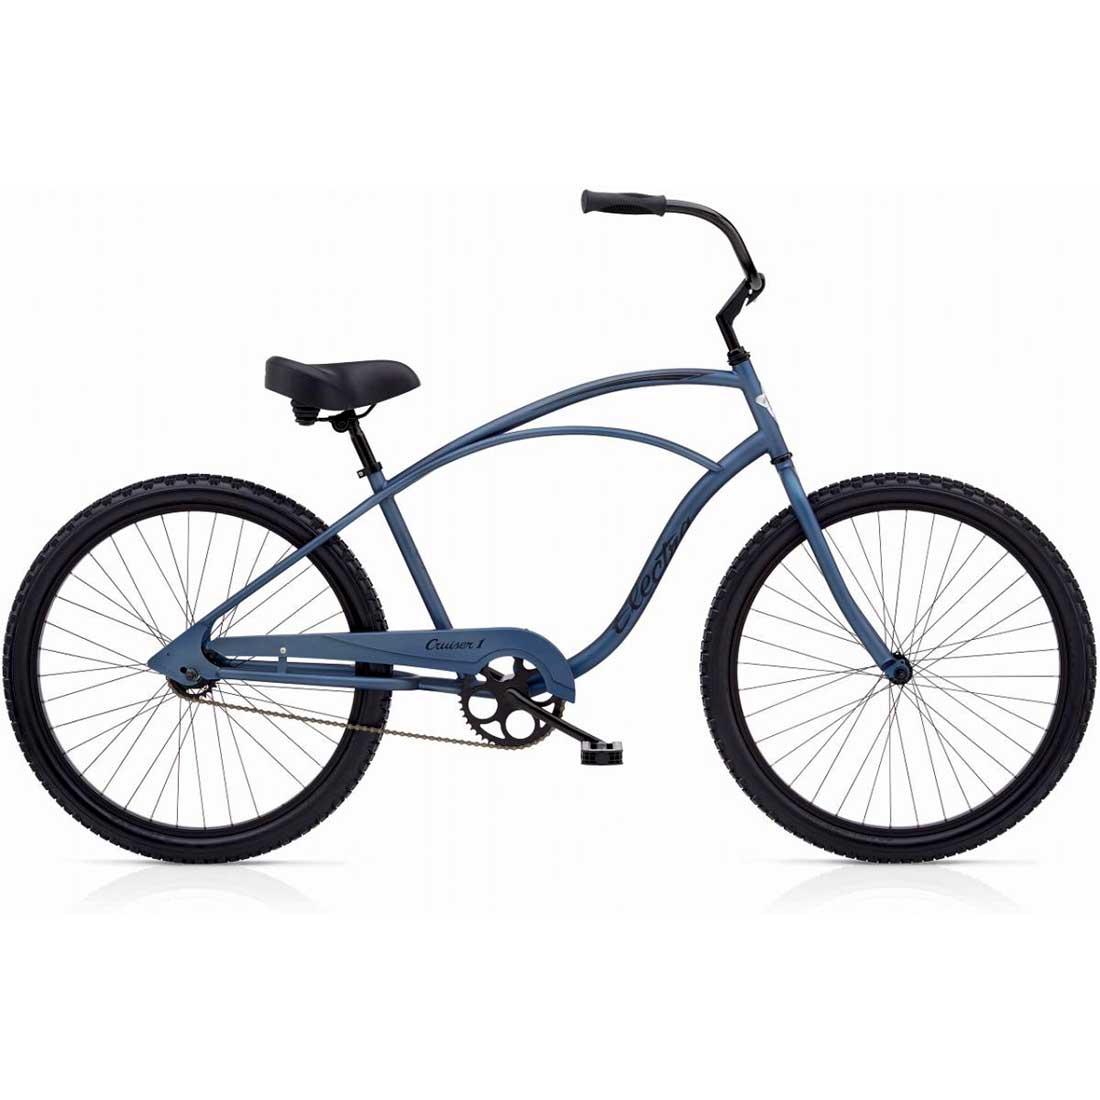 ビーチクルーザー 26インチ おしゃれ 自転車 通勤 通学 エレクトラ CRUISER-1 ミッドナイトブルー メンズ レディース